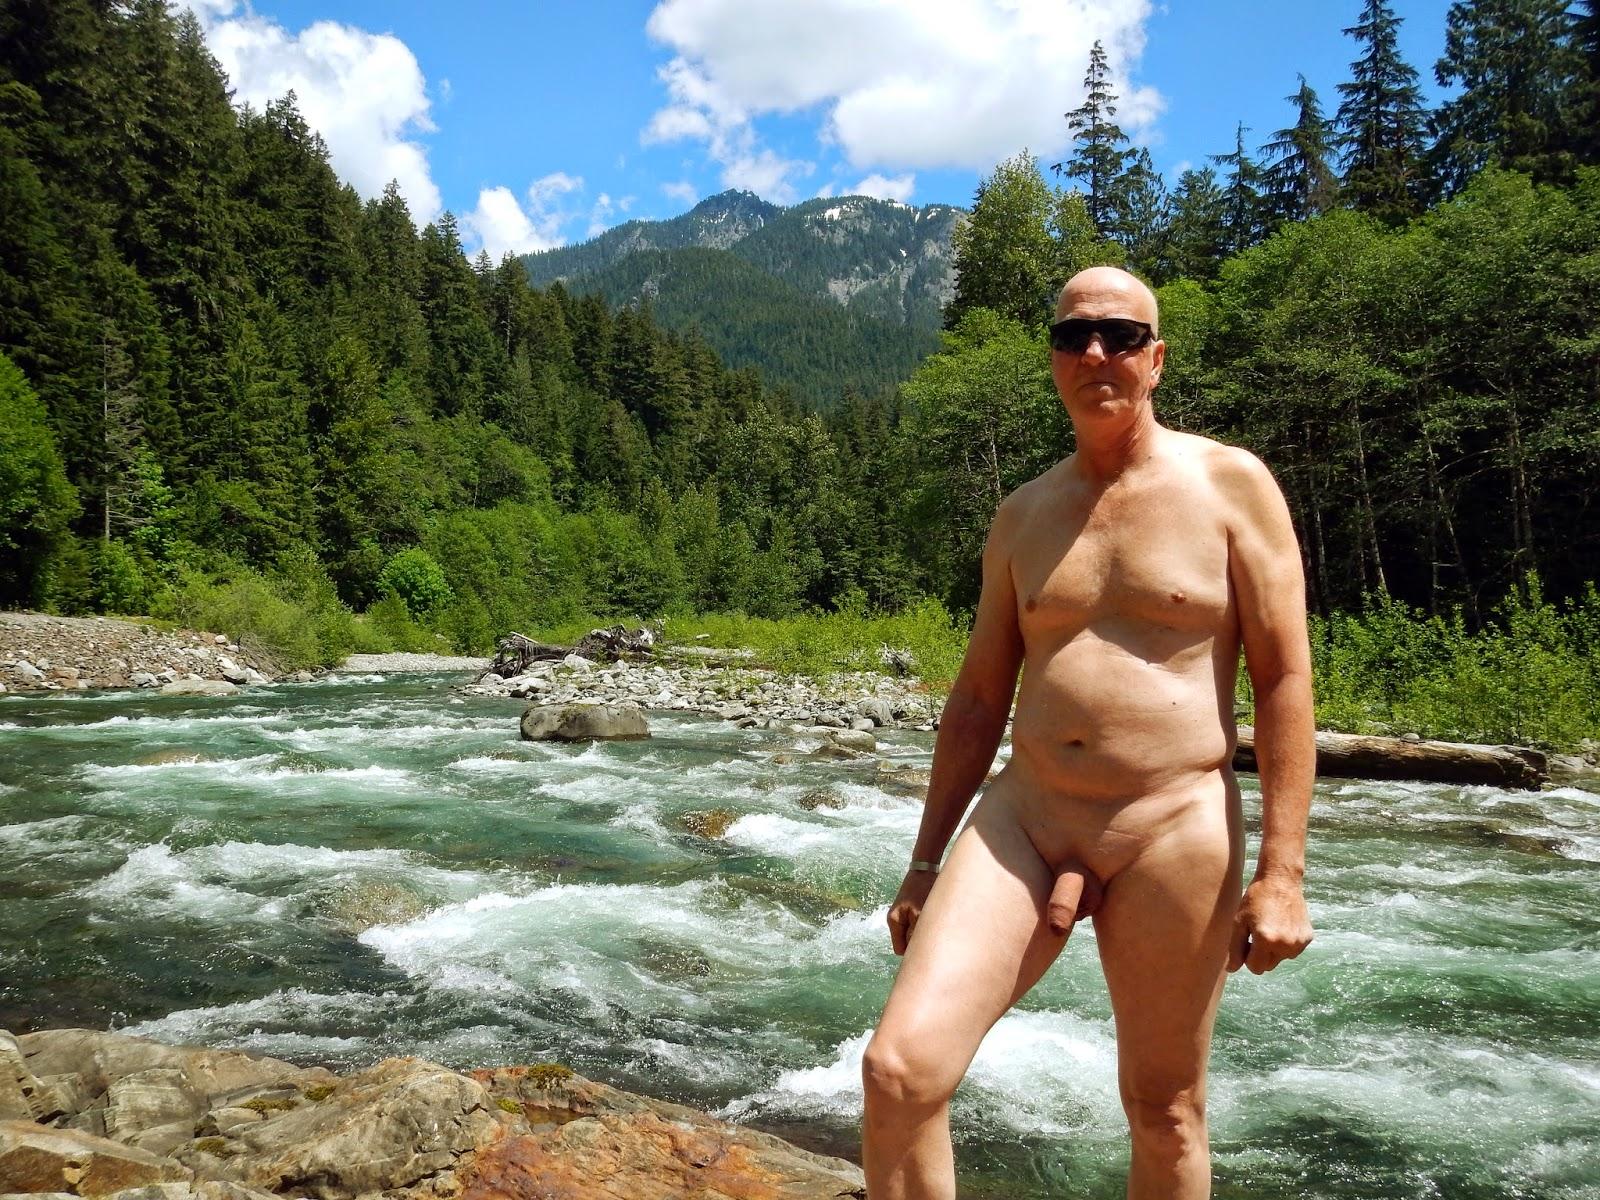 Hike Nude 119